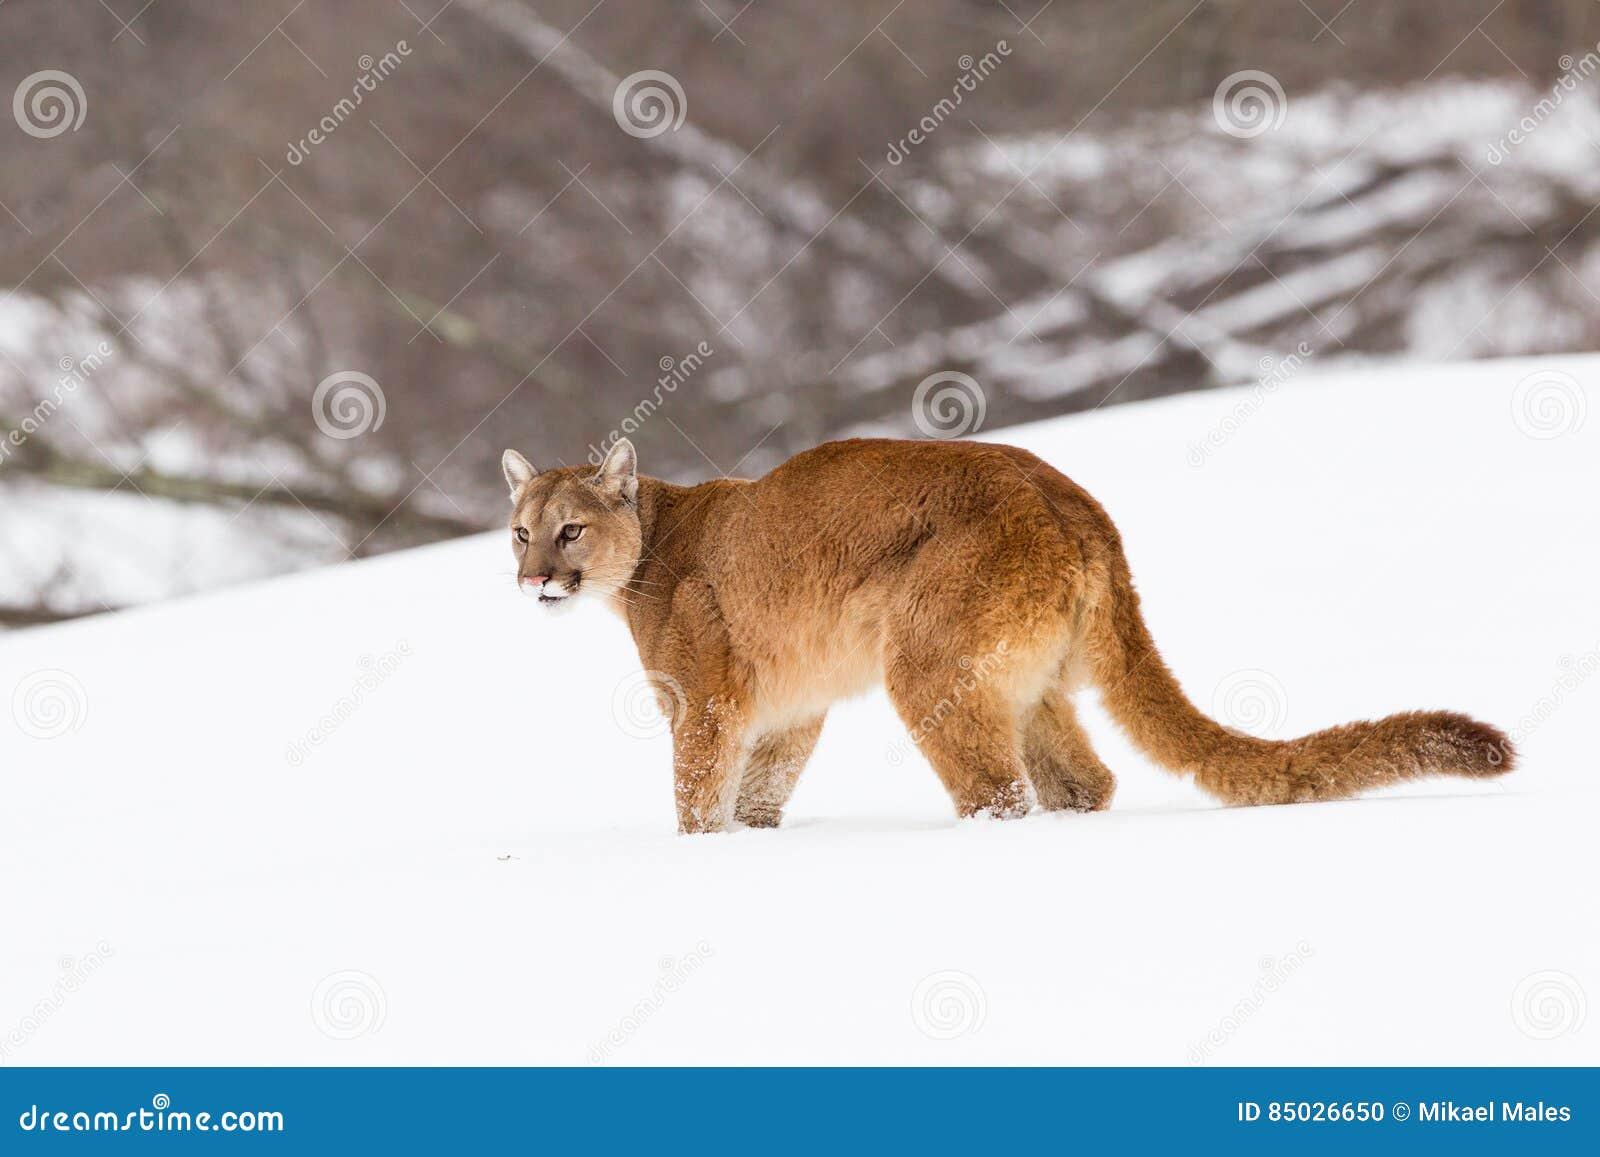 Mountain Lion On Snowy Ridge Stock Photo - Image of ...